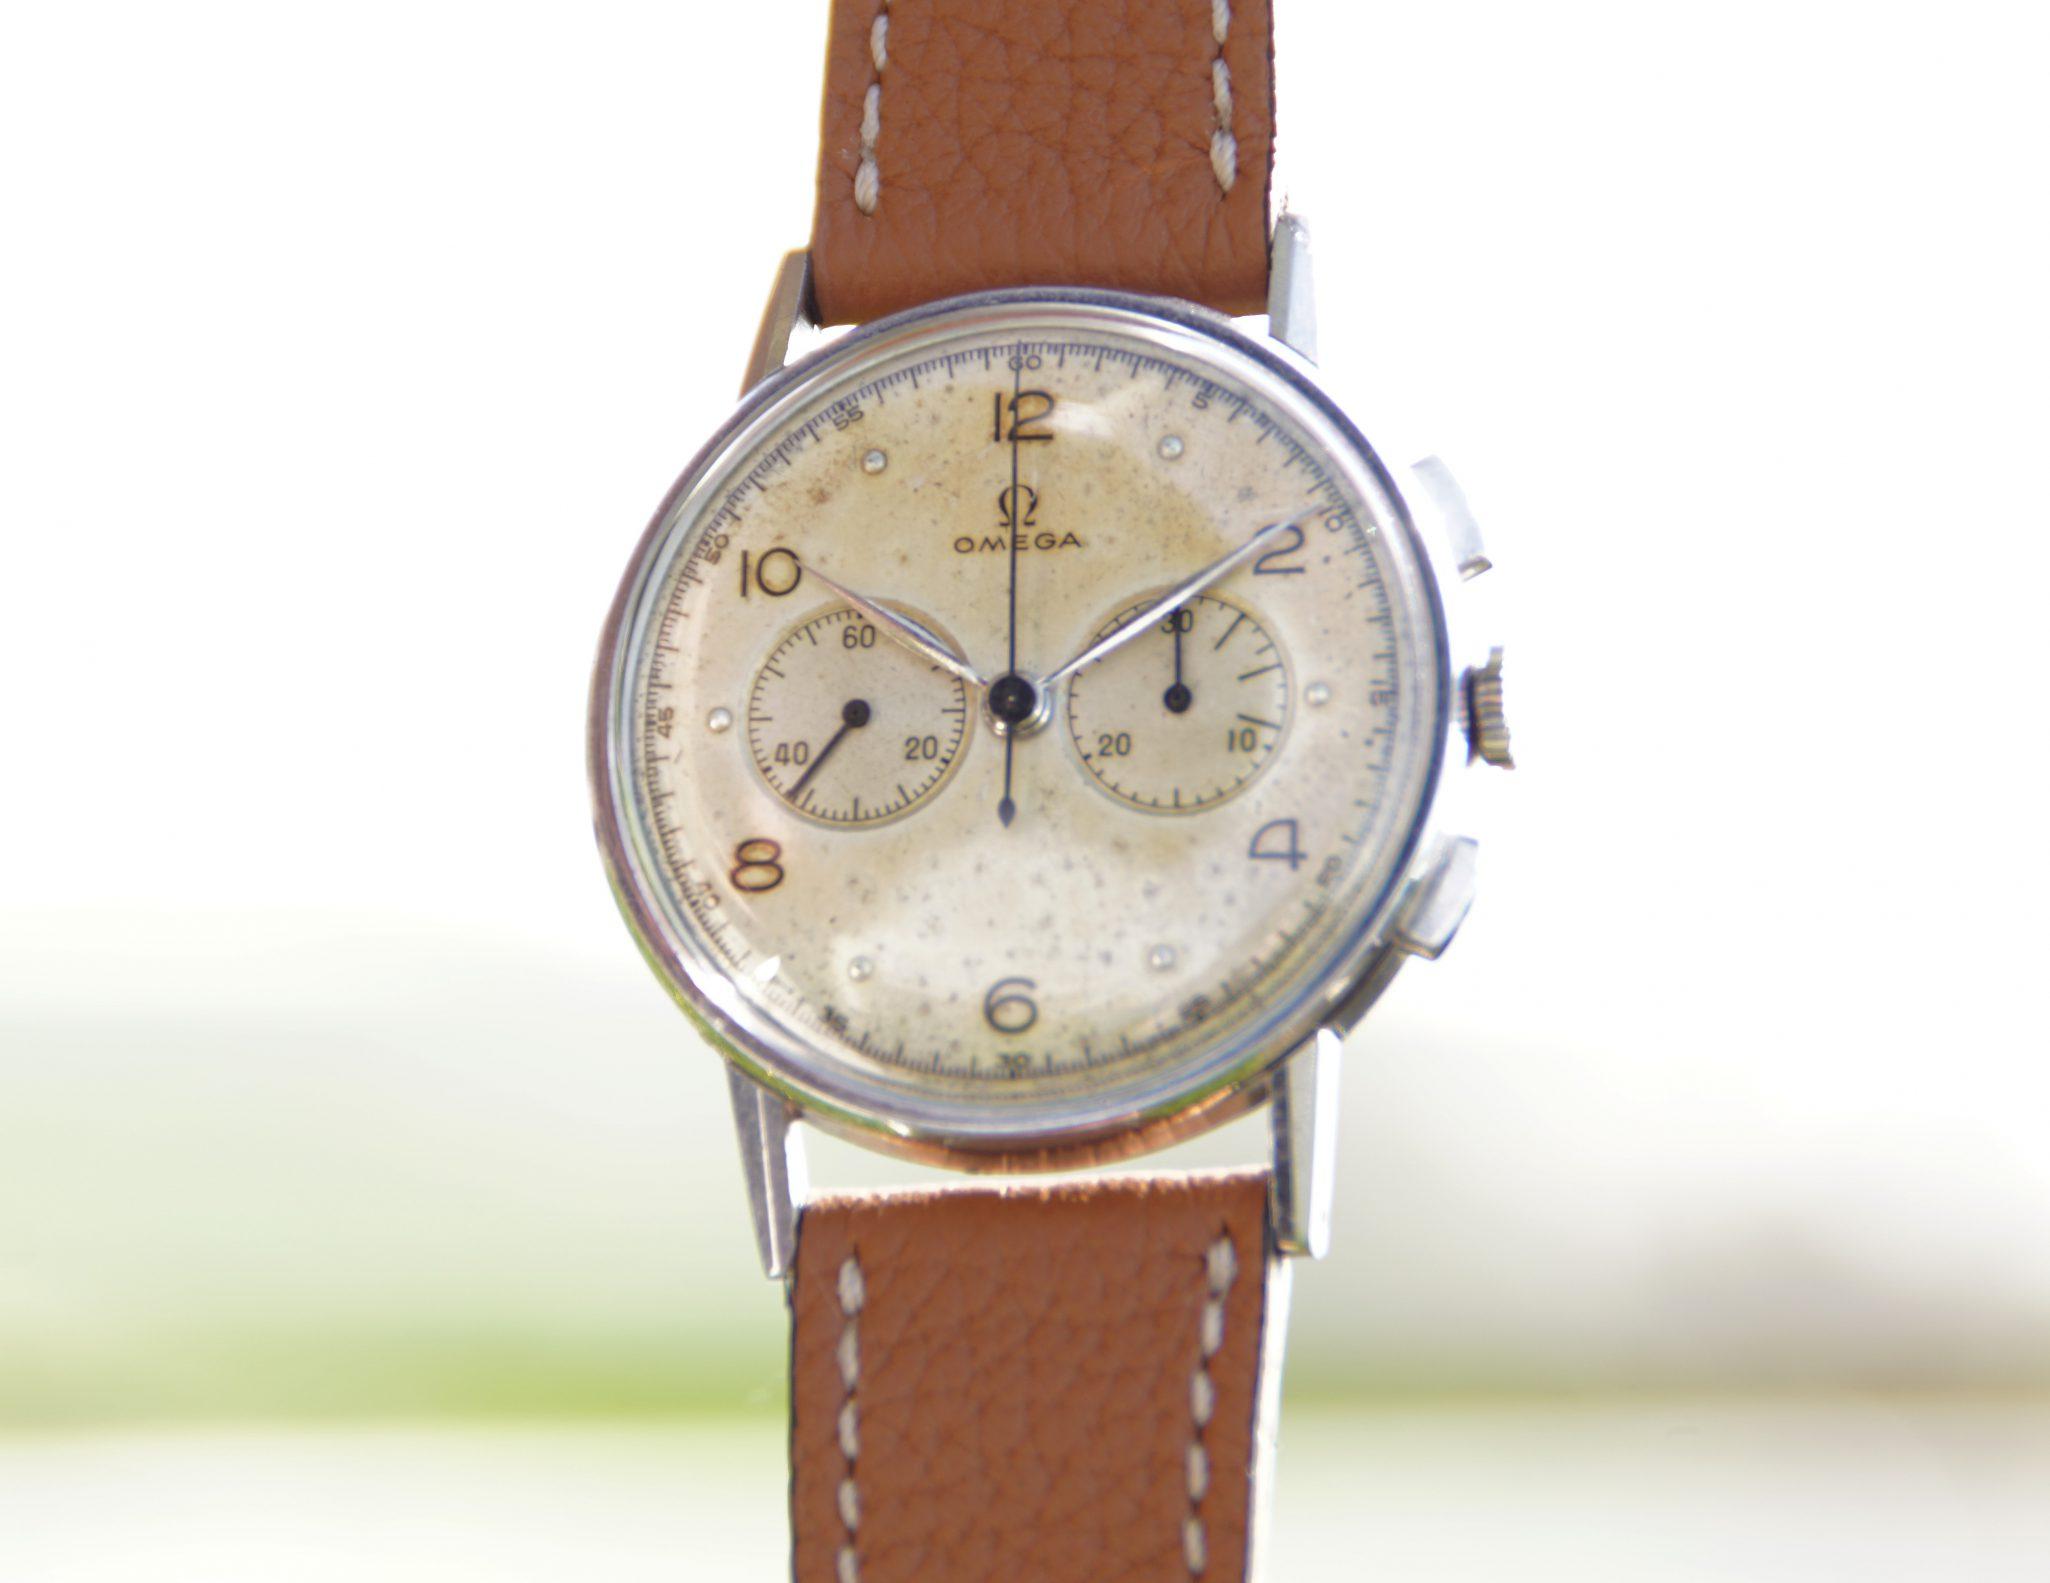 Omega 2381 Chronograaf